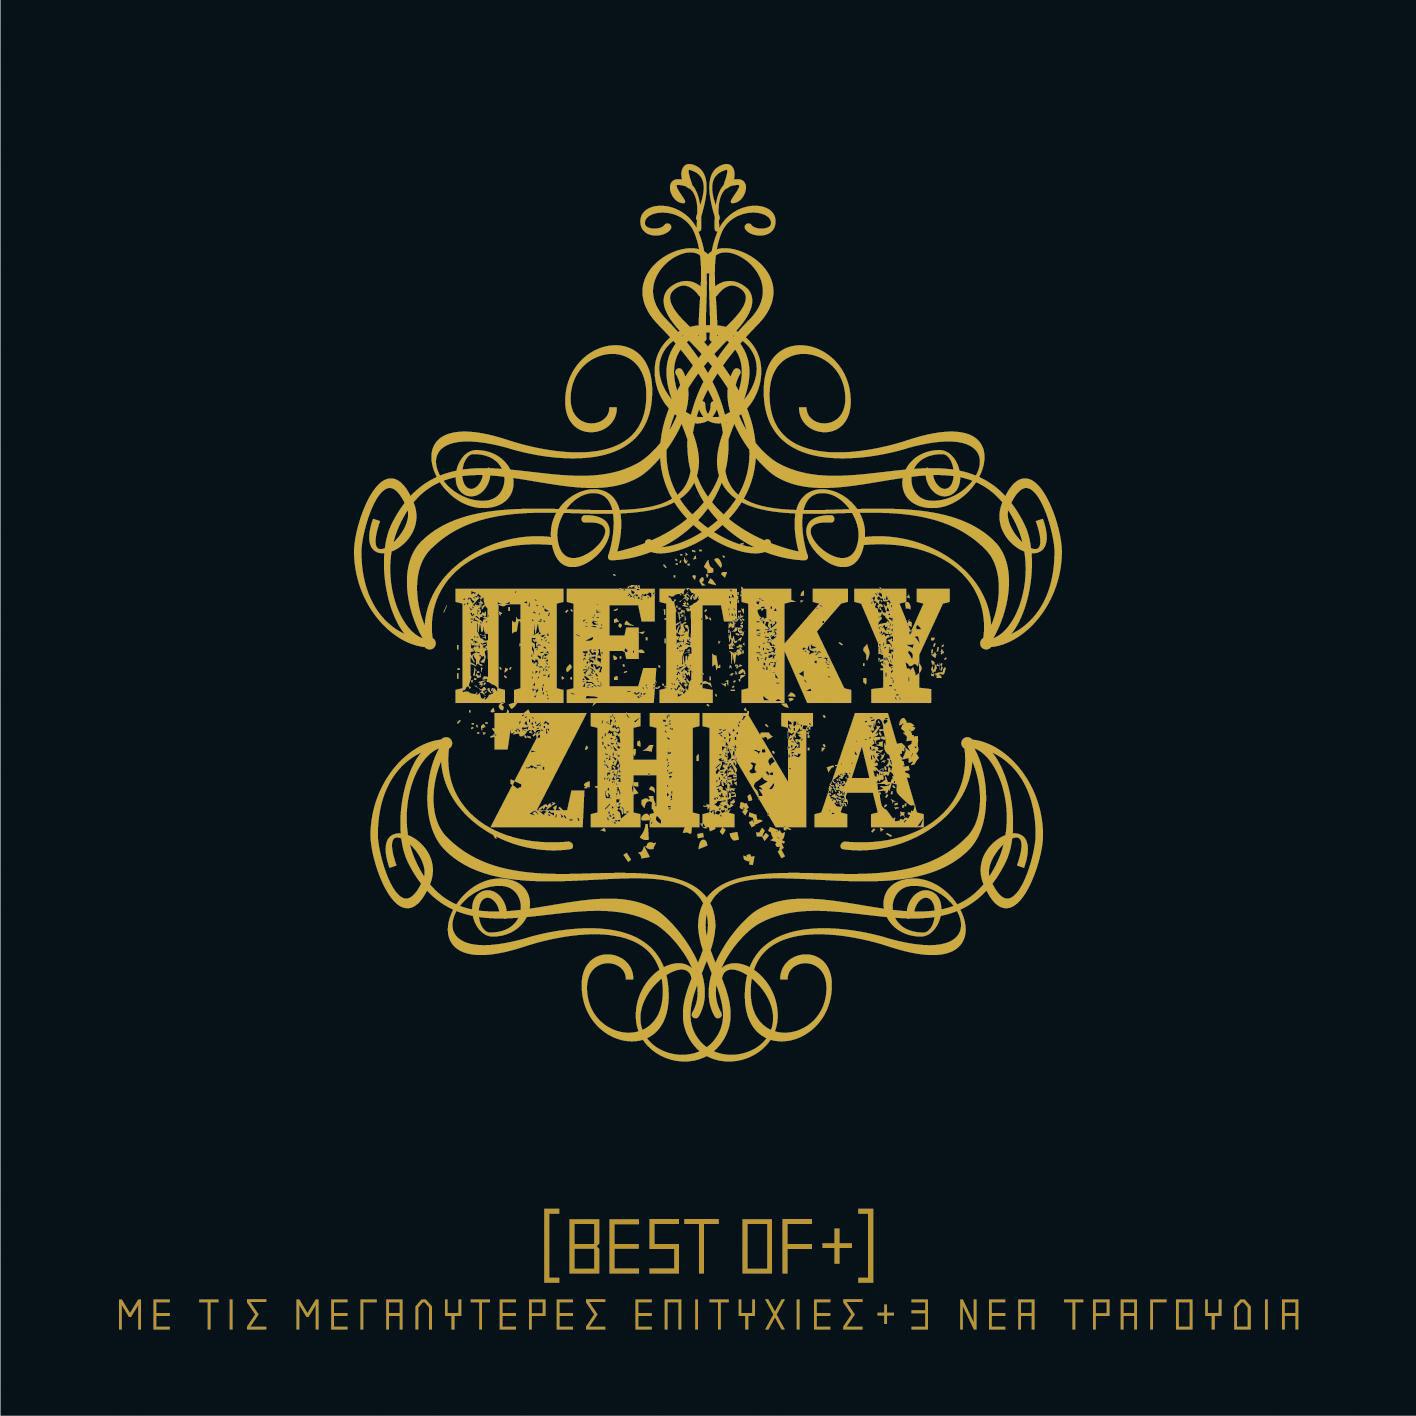 2008 | Best of +